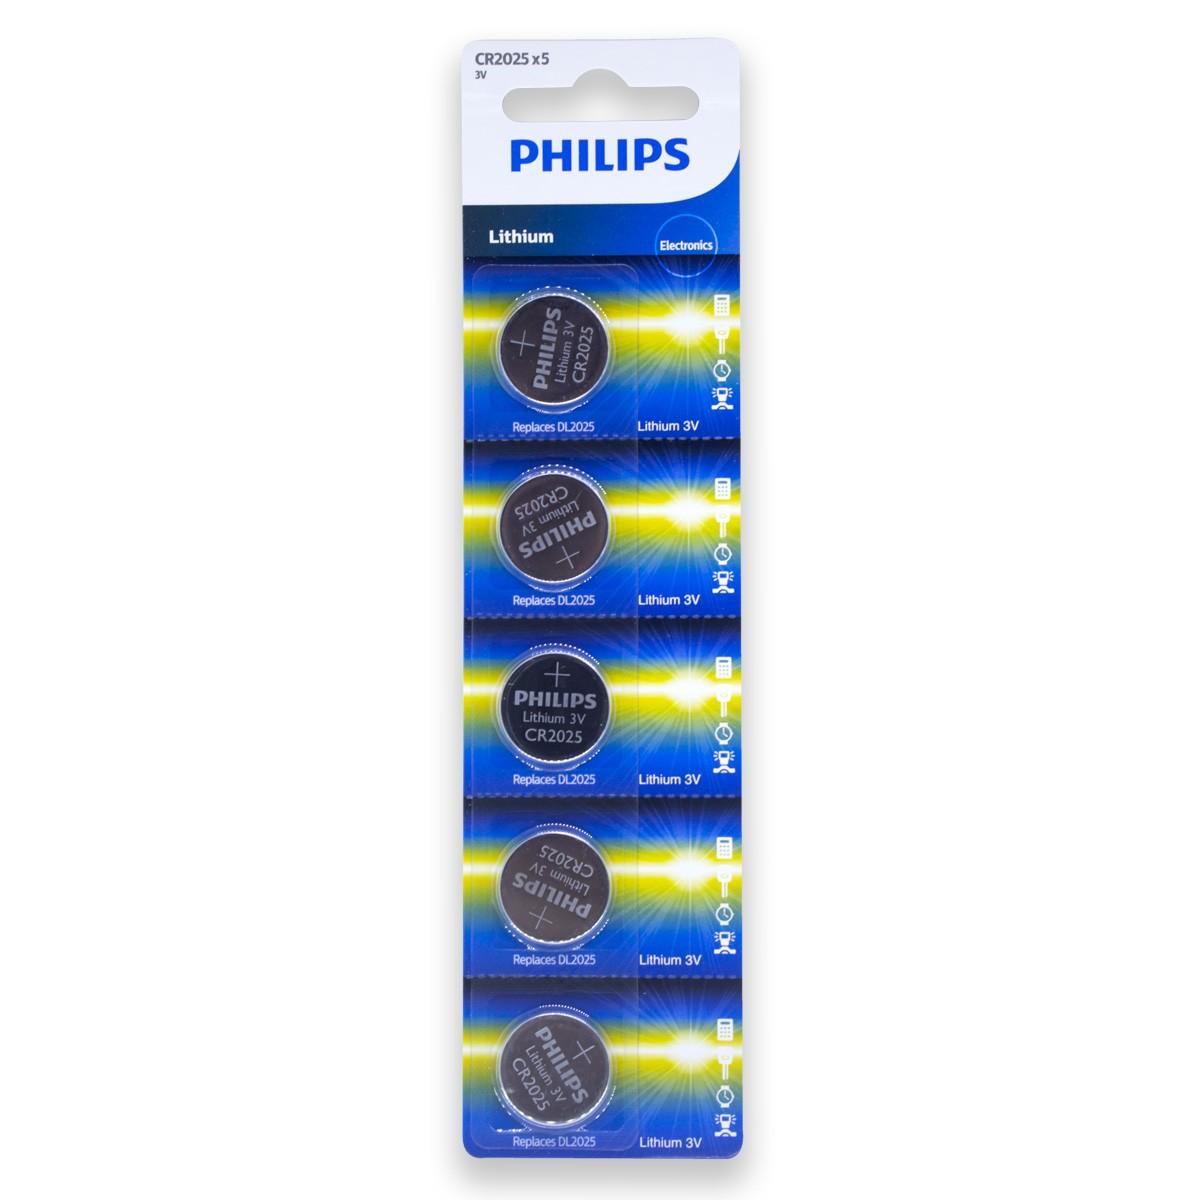 05 Pilhas PHILIPS CR2025 3v Bateria Original - 01 cartela